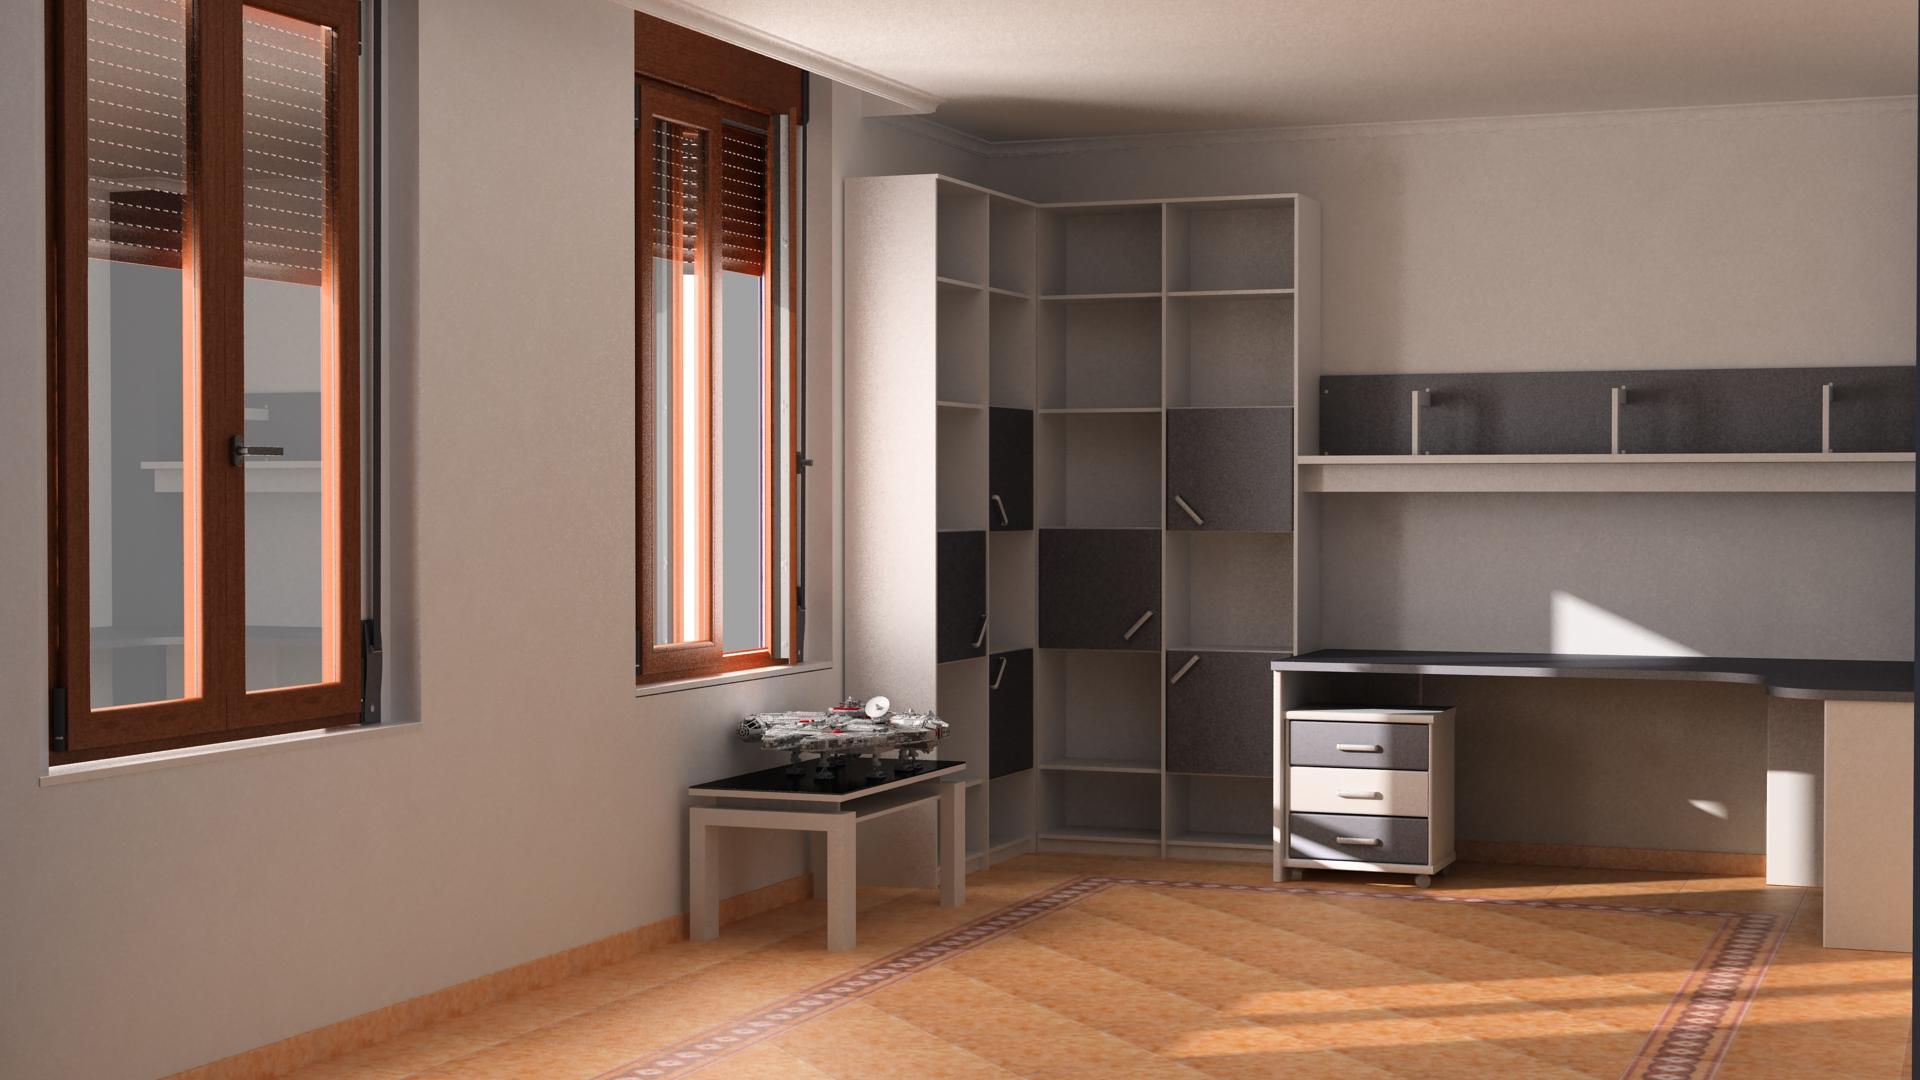 Poniendome al dia modelando mi habitacion for Modelar habitacion 3d max